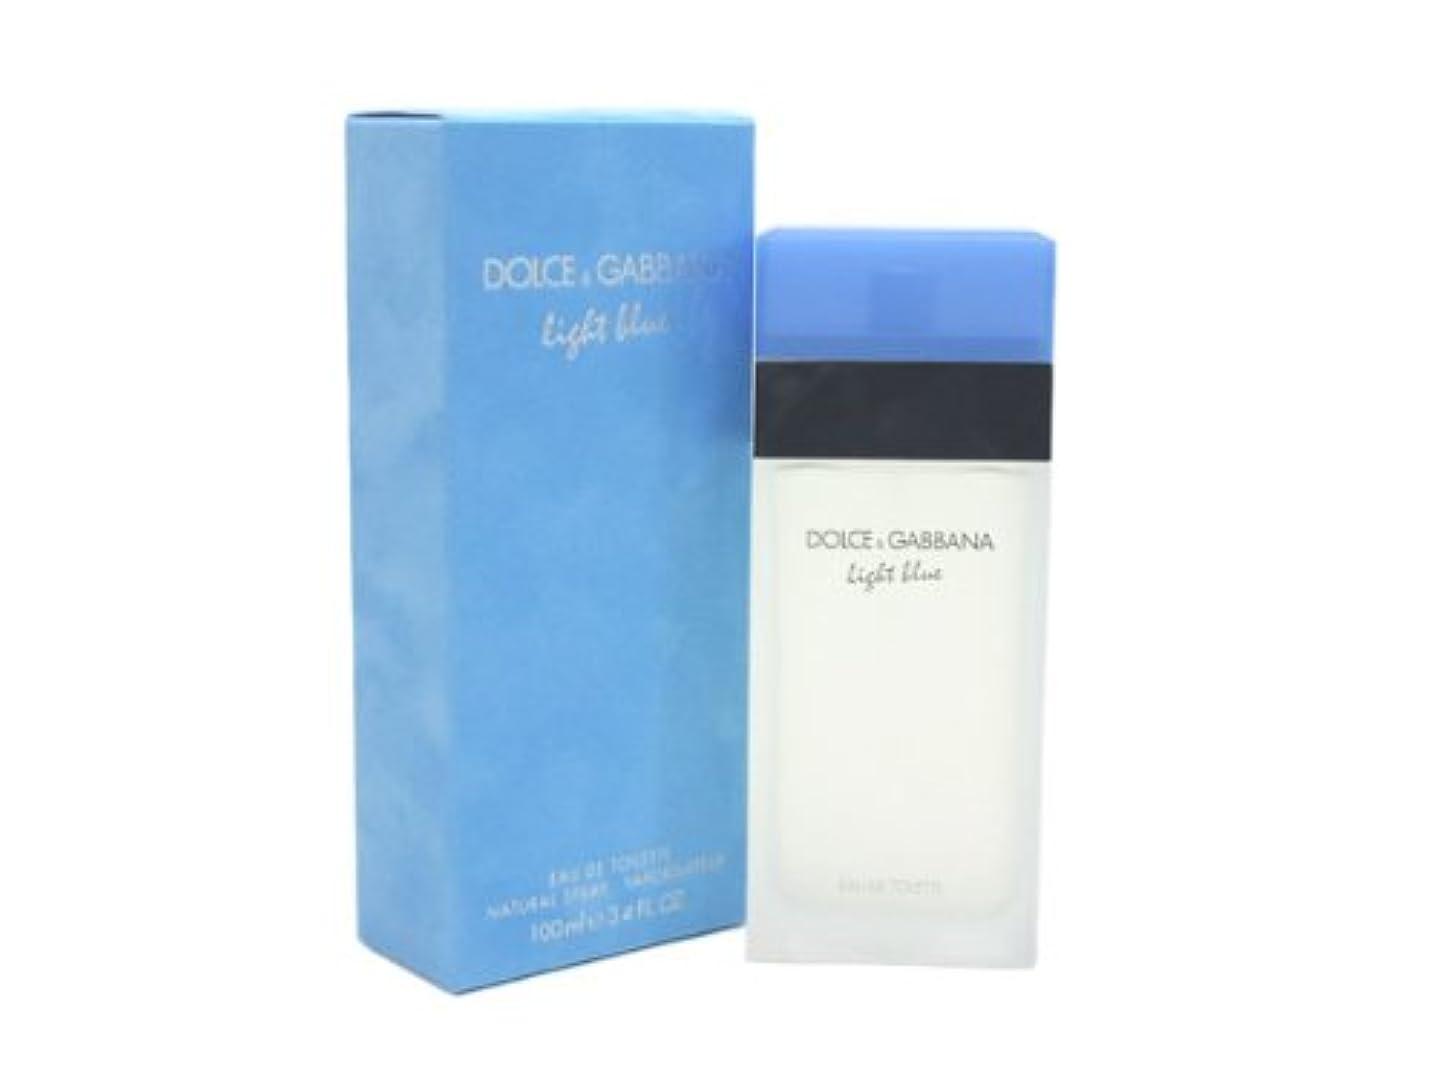 信頼自宅でラグドルチェ&ガッバーナ D&G 香水 ライトブルー ET/SP/100ML 336-DG-100[並行輸入]